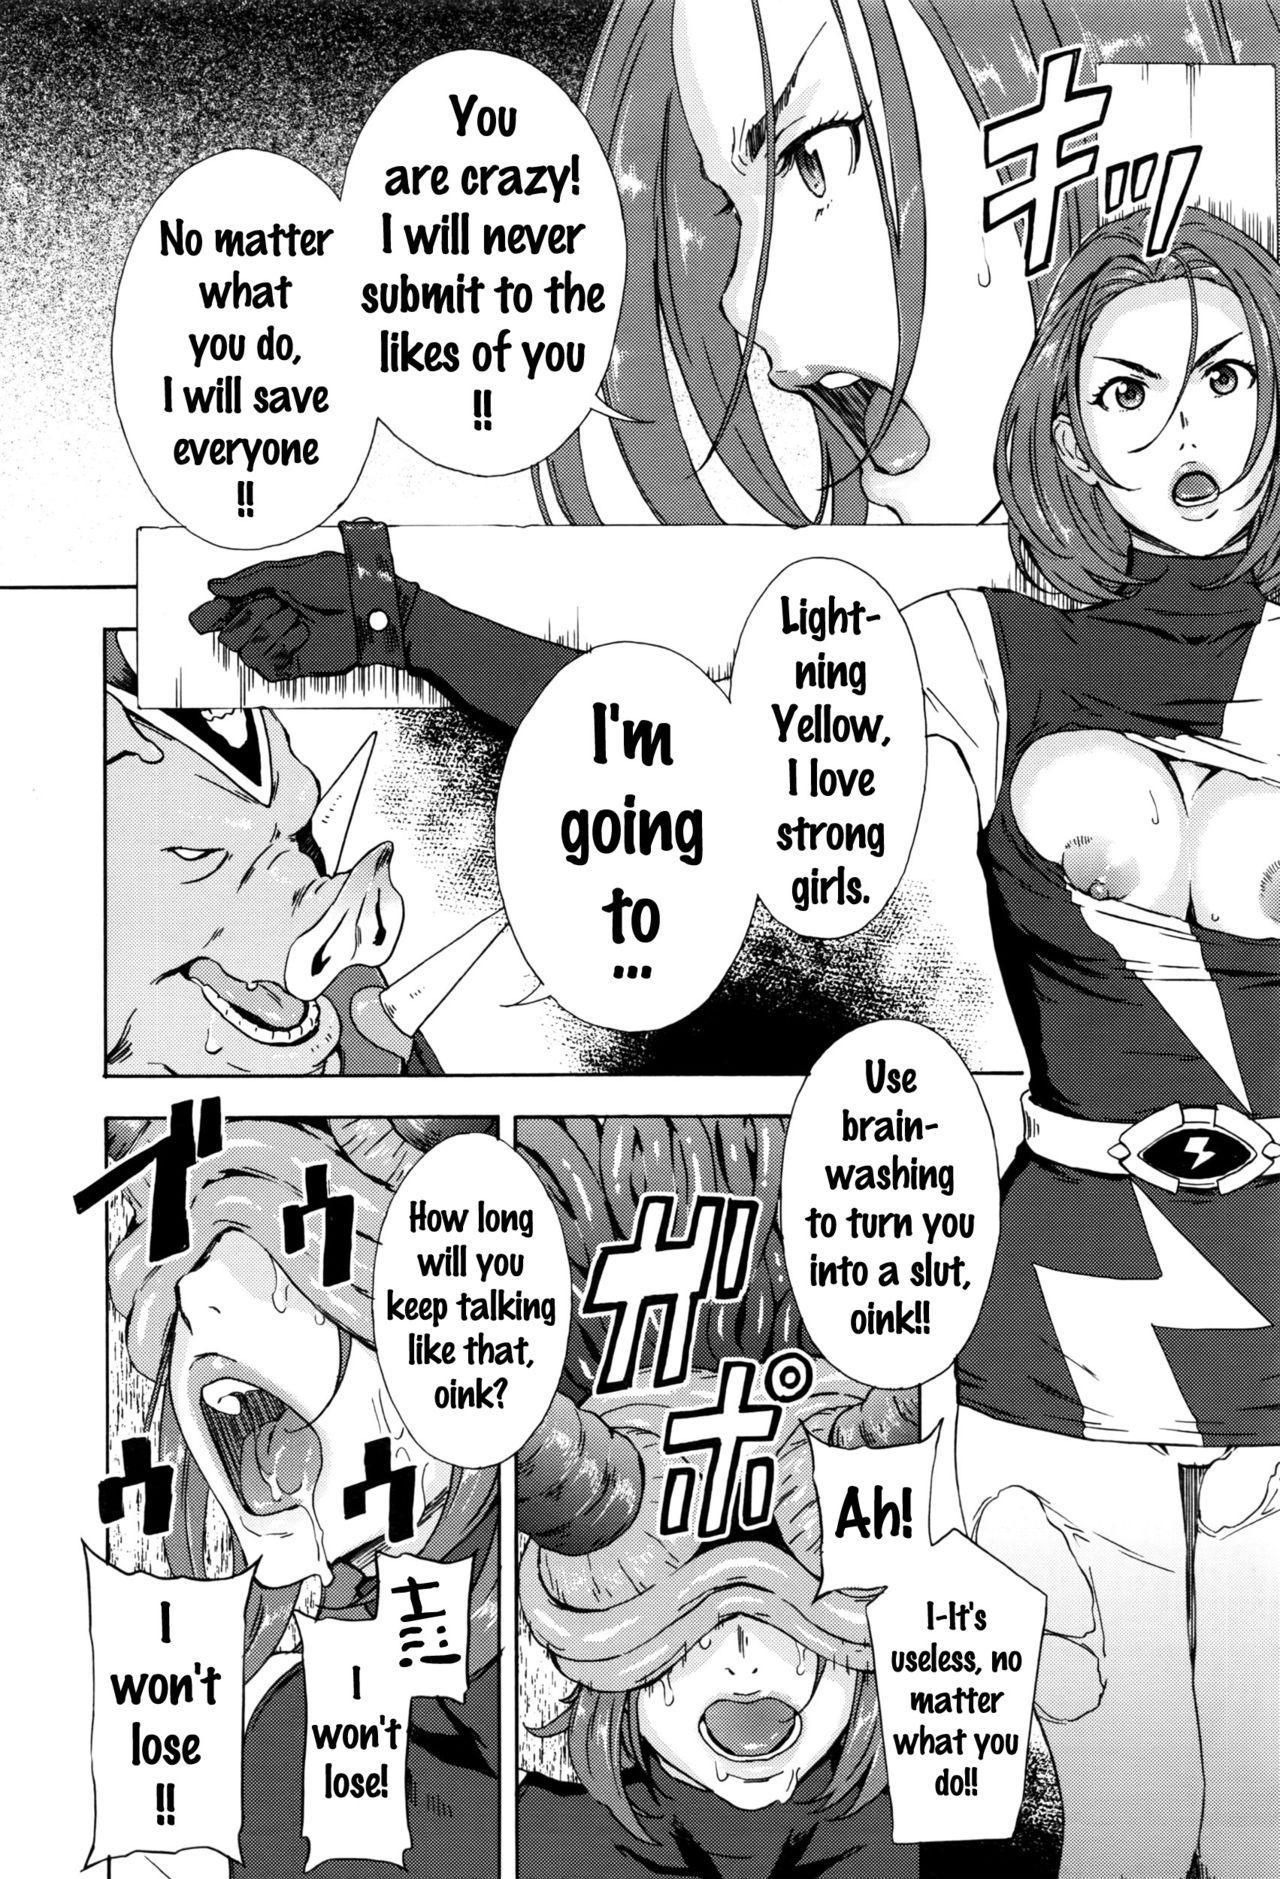 [Amano Ameno] Dai Buta Shougun no Gyakugeki ~Superheroine Taisen~ | Pig General's Counter Attack (COMIC Anthurium 2016-09) [English] {doujins.com} 5